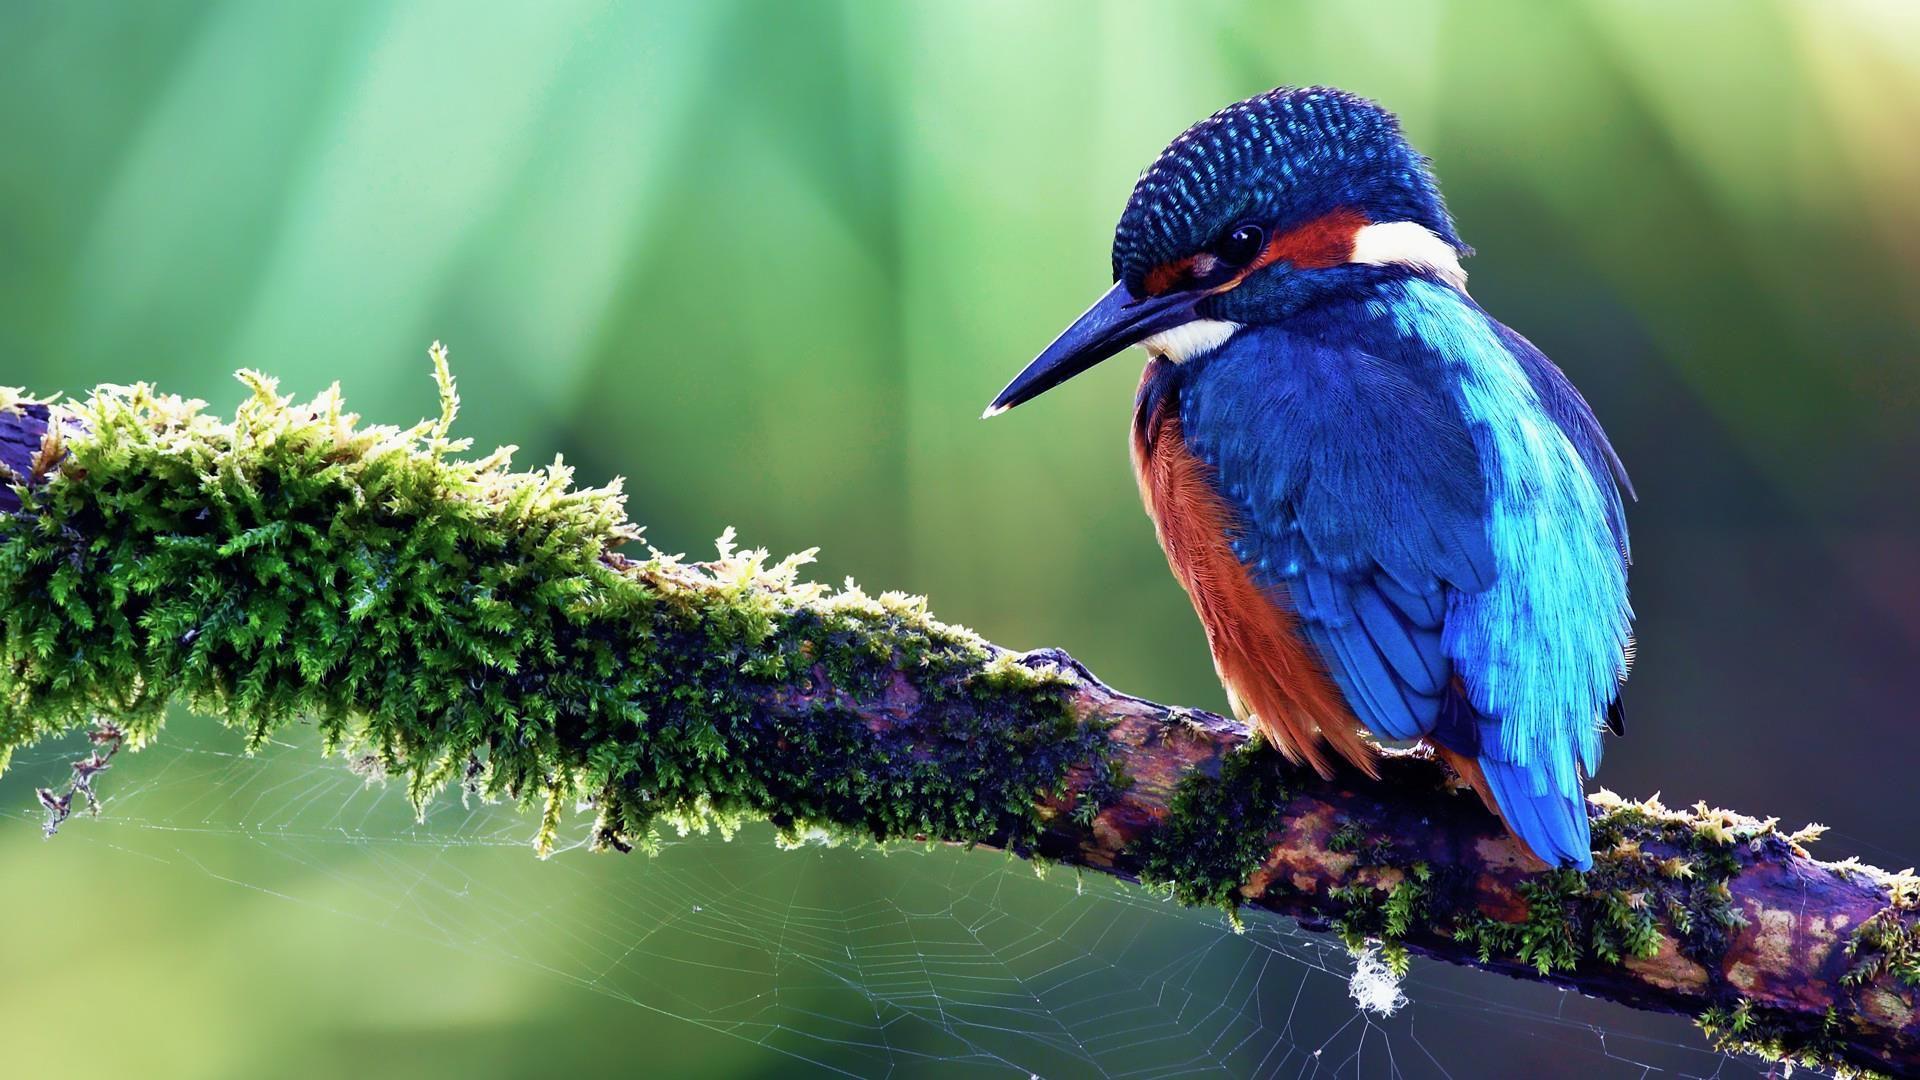 Des Oiseaux Fond D Ecran Et Photos A Telecharger Serie 132 Fonds D Ecran Gratuits By Unesourisetmoi Papier Peint Oiseaux Photo Oiseau Oiseaux Tropicaux